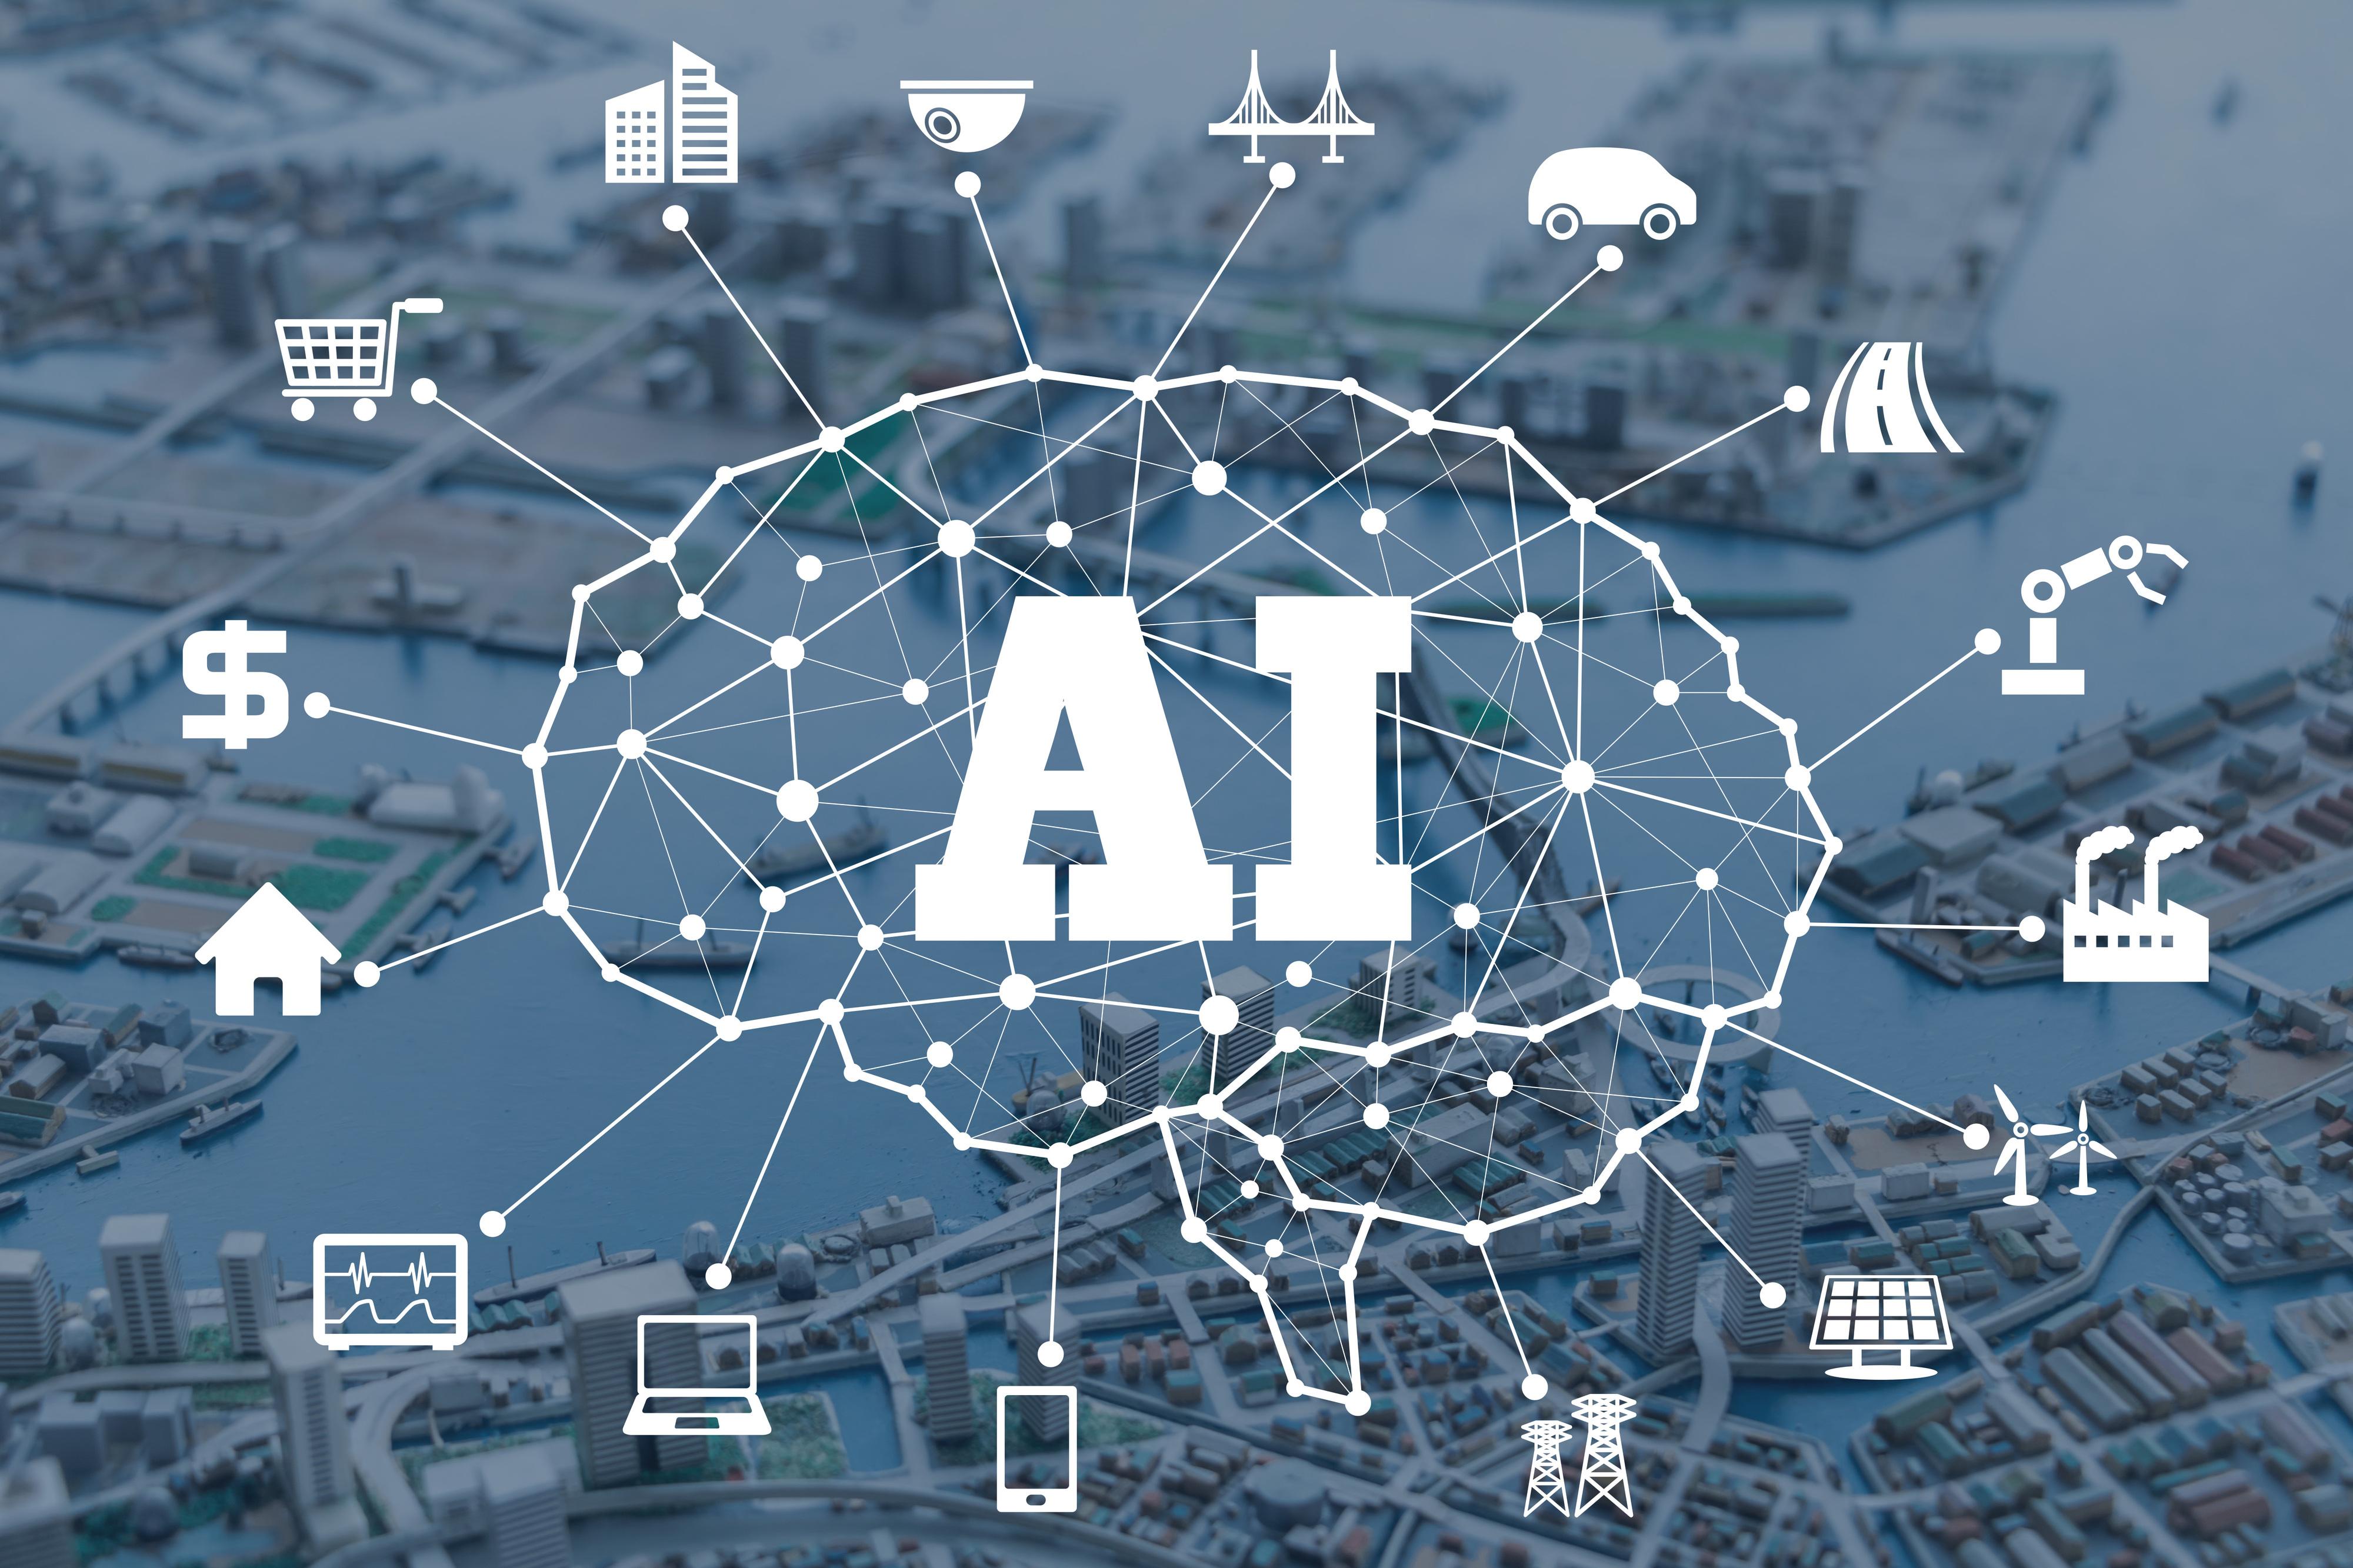 住宅ローン審査や不動産担保融資にも、AI(人工知能)やフィンテックの波が到来していた!